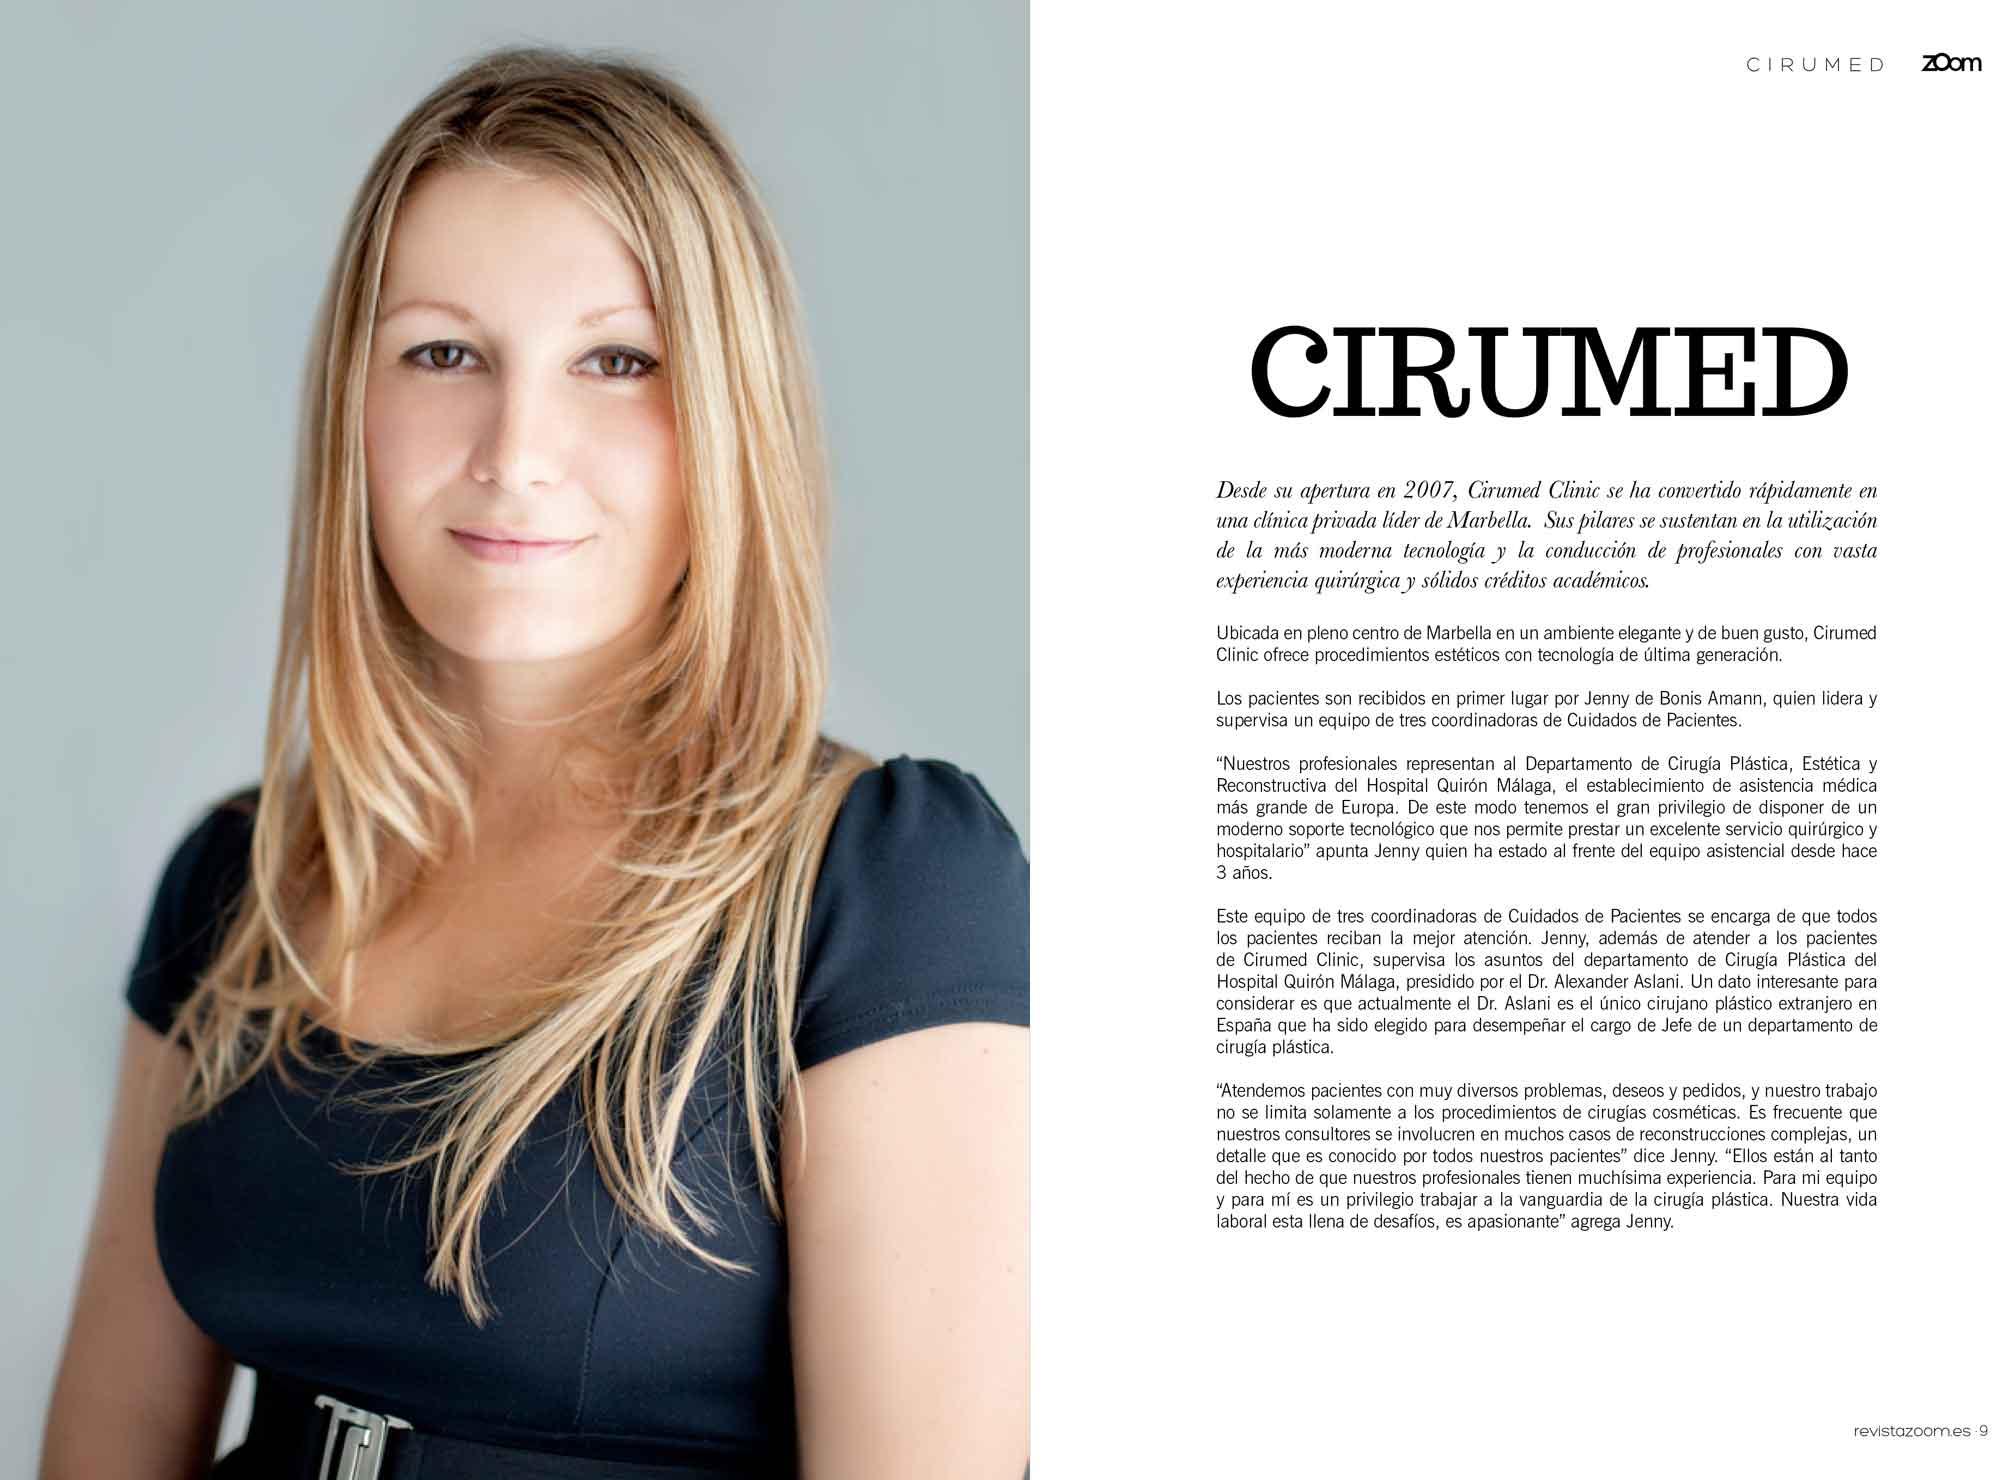 cirumed-clinic-spain-marbella